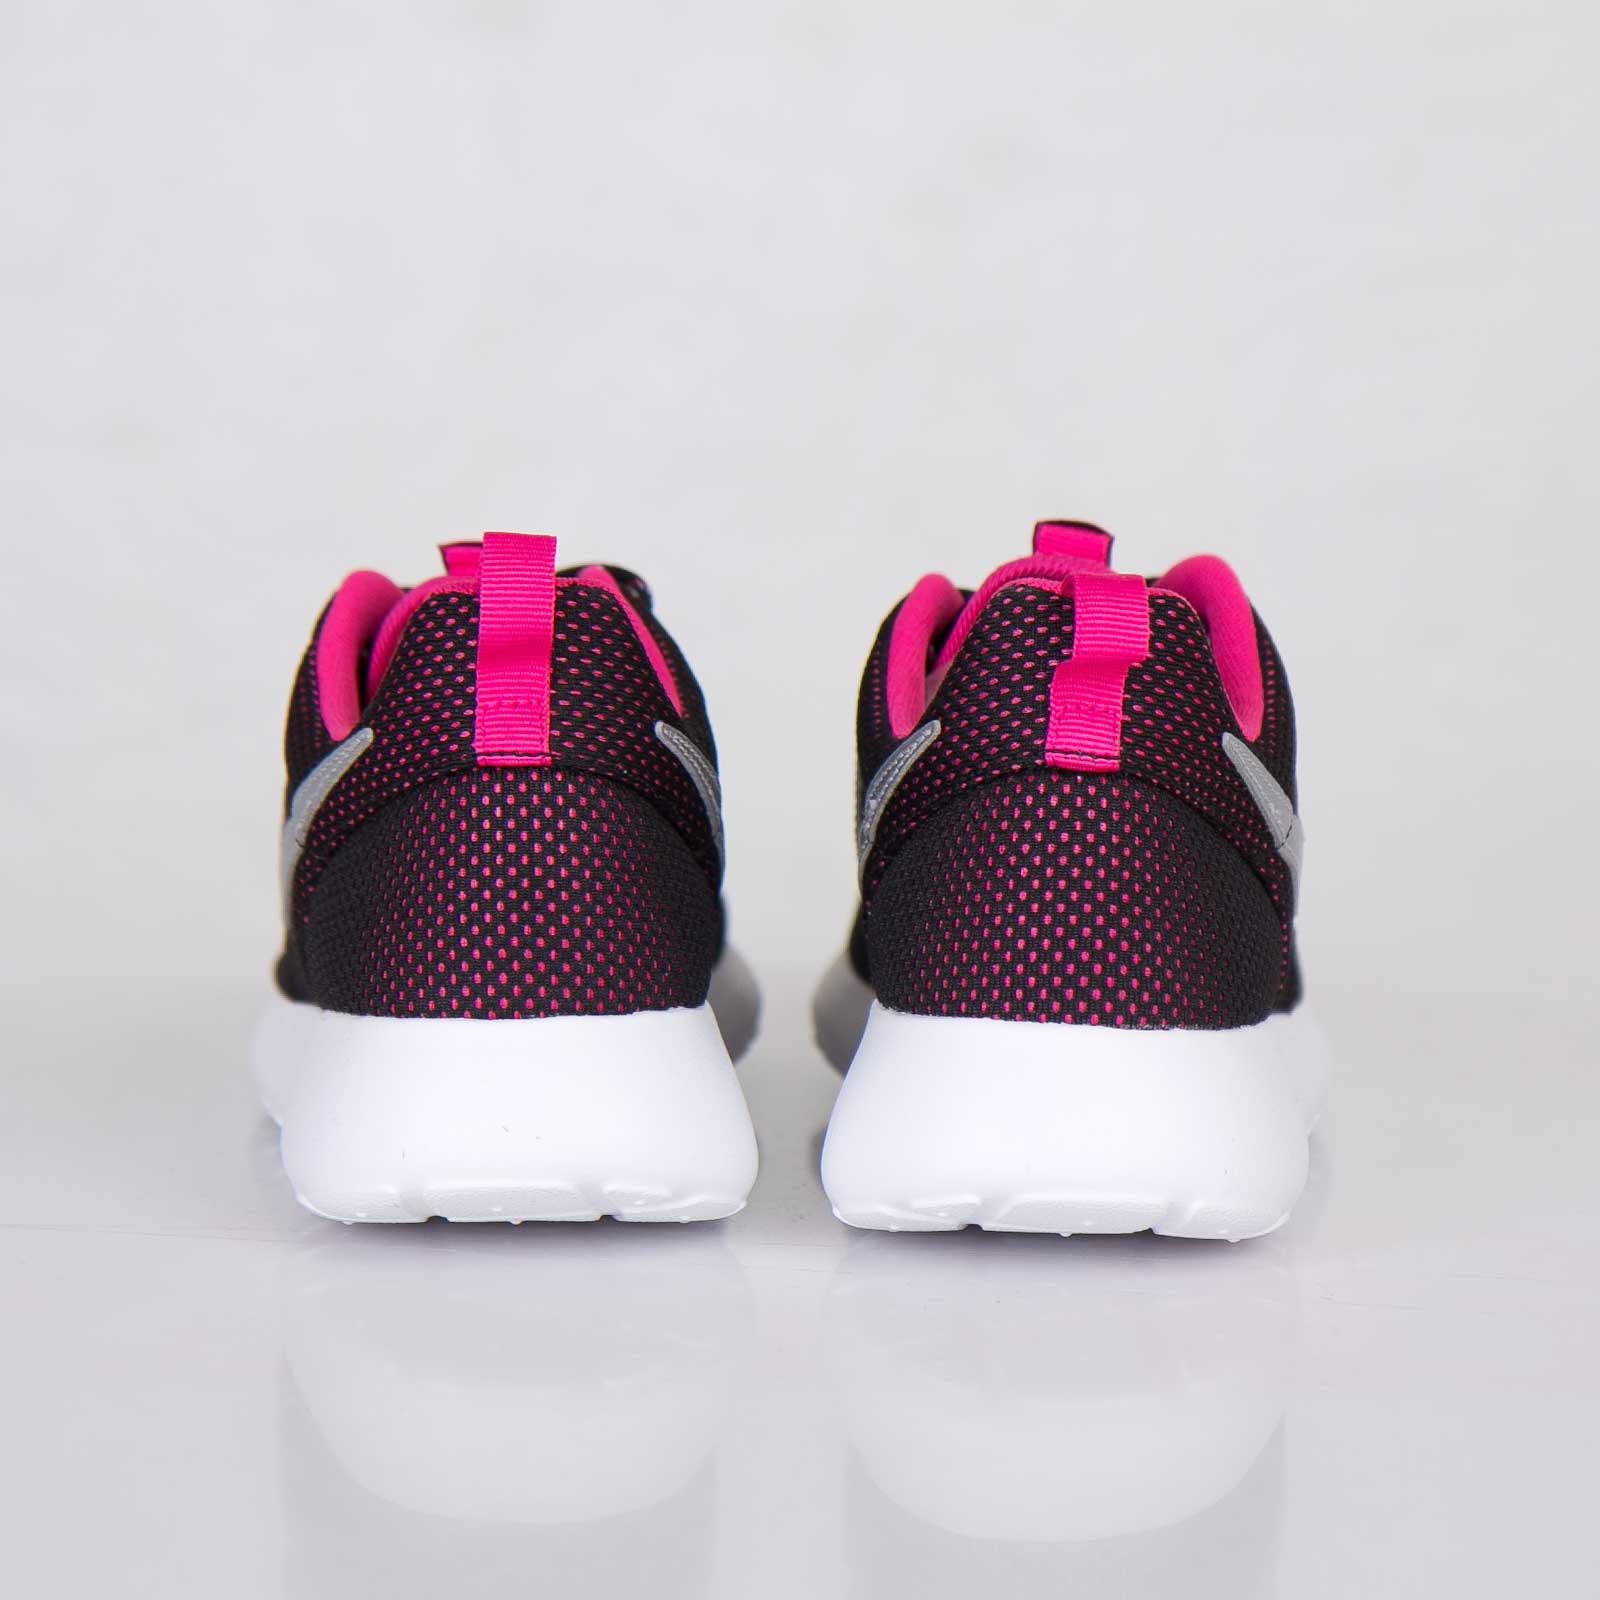 Nike Roshe Run (GS) 599729 002 Sneakersnstuff sneakers